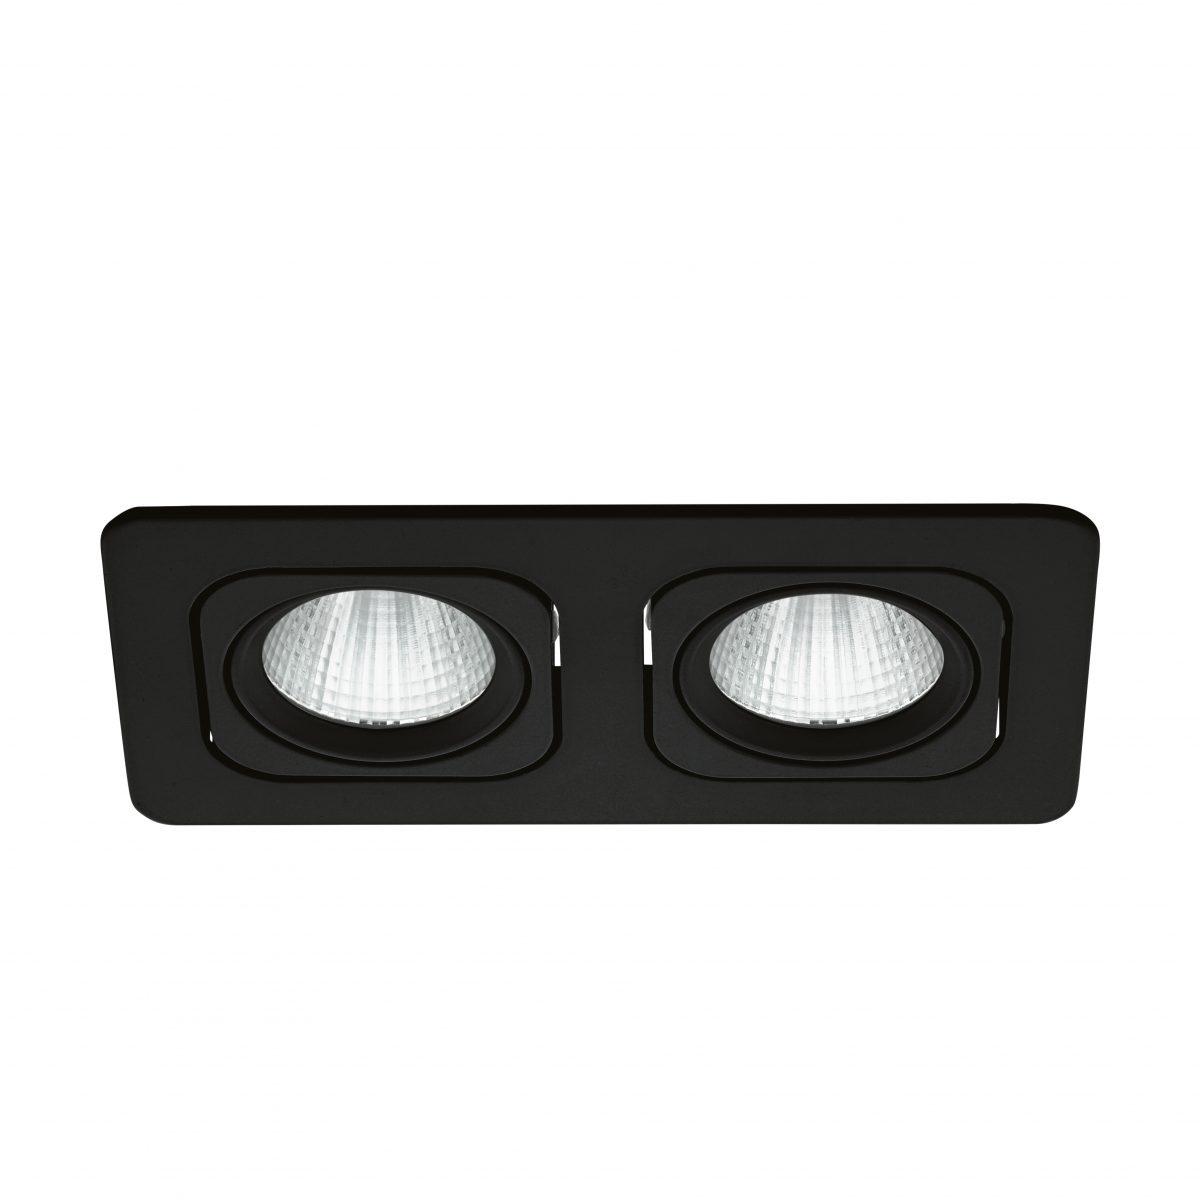 Светильник настенно-потолочный VASCELLO/PROFESSION EGLO 61647 - Фото №28